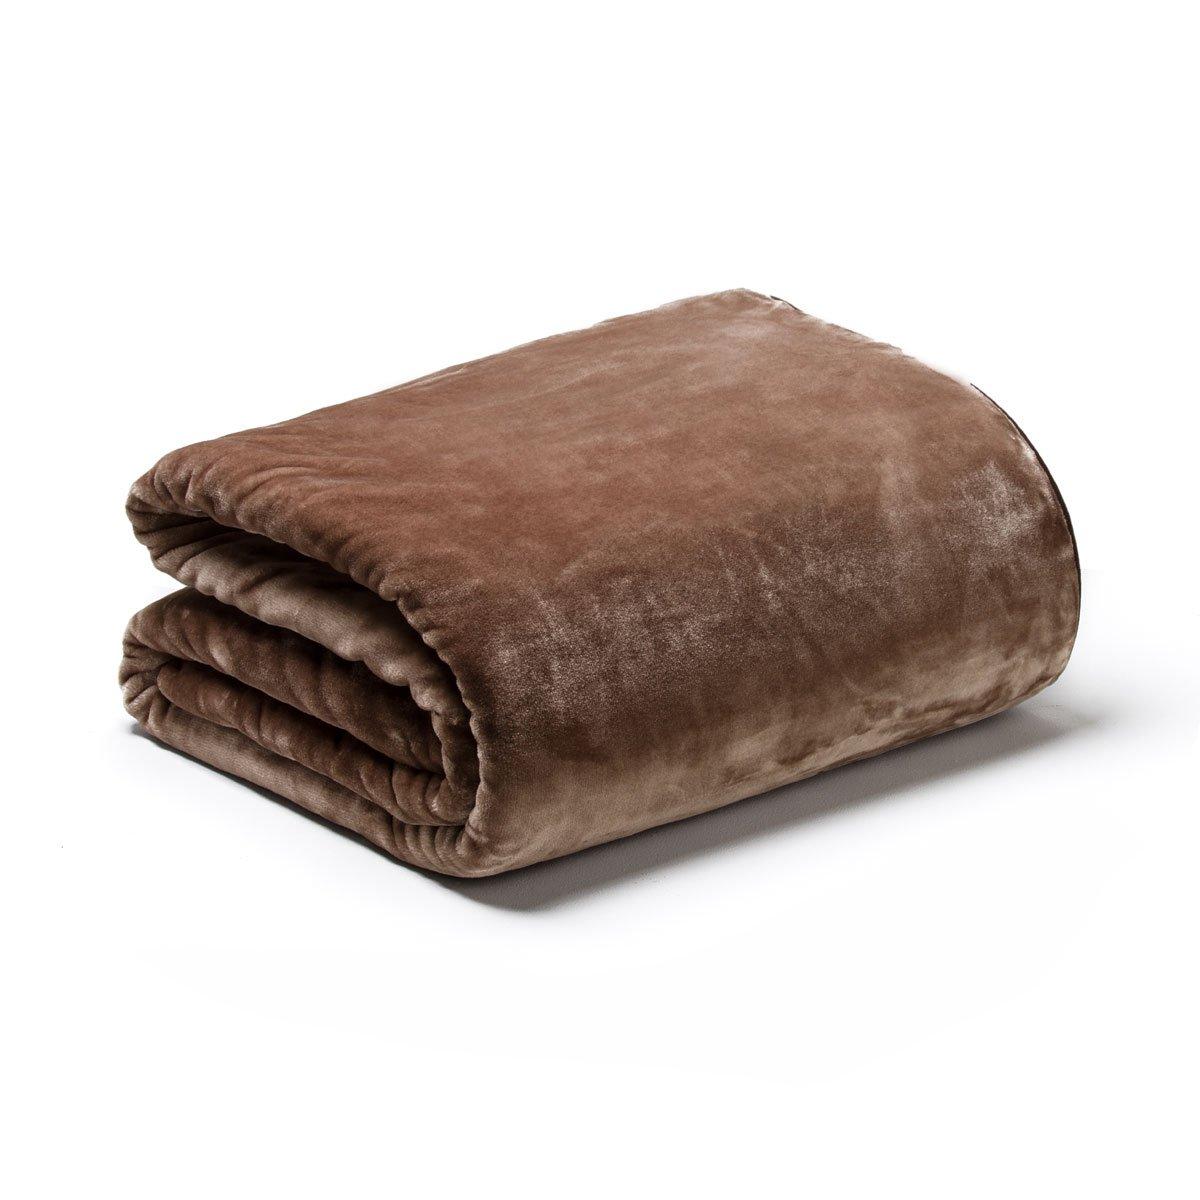 Sancarlos OSLO - Manta Lisa de Terciopelo Suave, Color Chocolate, Cama de 135 cm, 220x240 cm